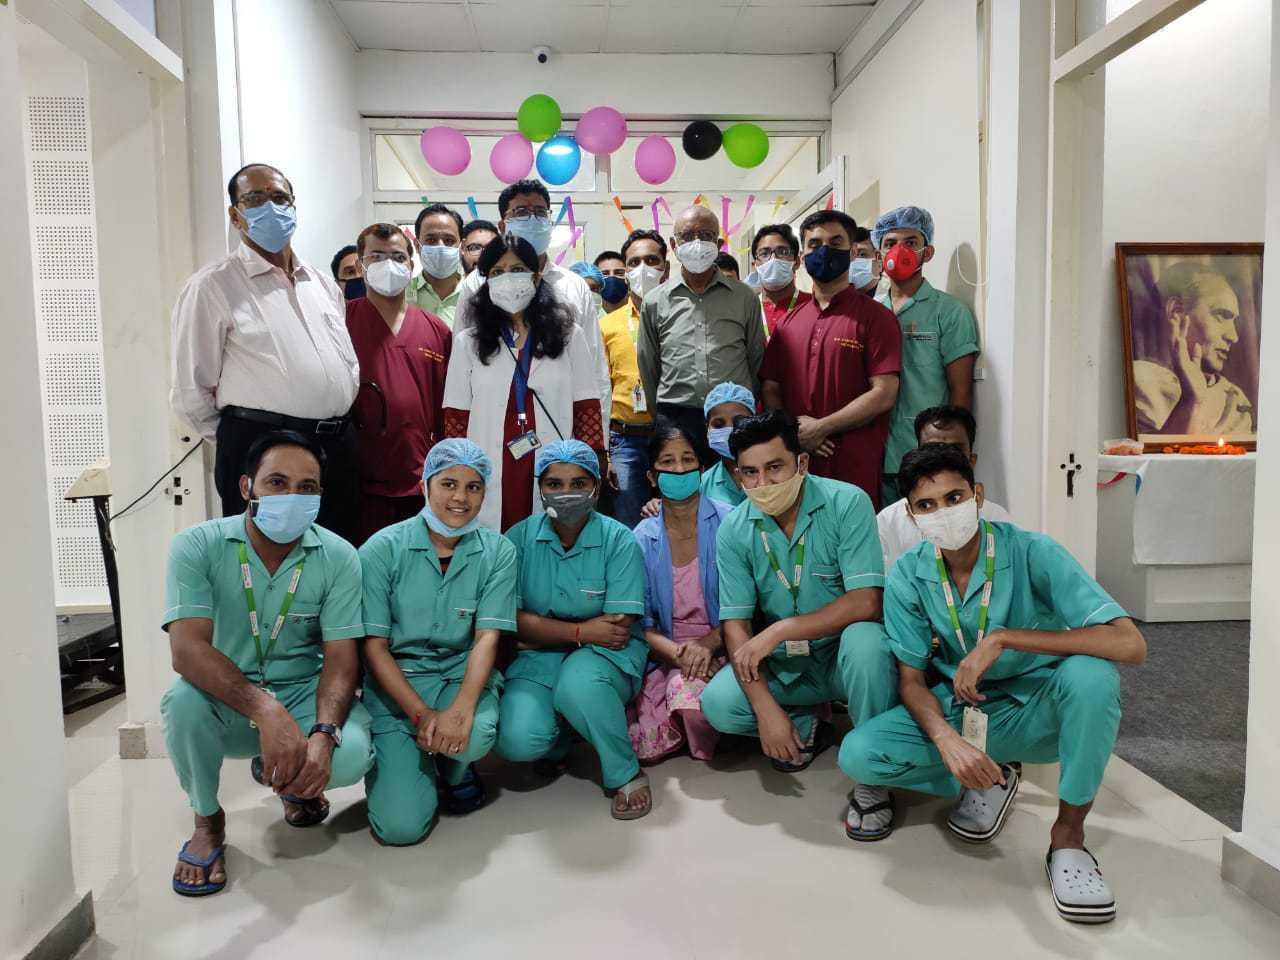 हिमालयन हॉस्पिटल में उत्तराखंड का सबसे बड़ा डायलिसिस सेंटर हुआ स्थापित, डायलिसिस मशीन 30 से बढ़ाकर की गई 40 4